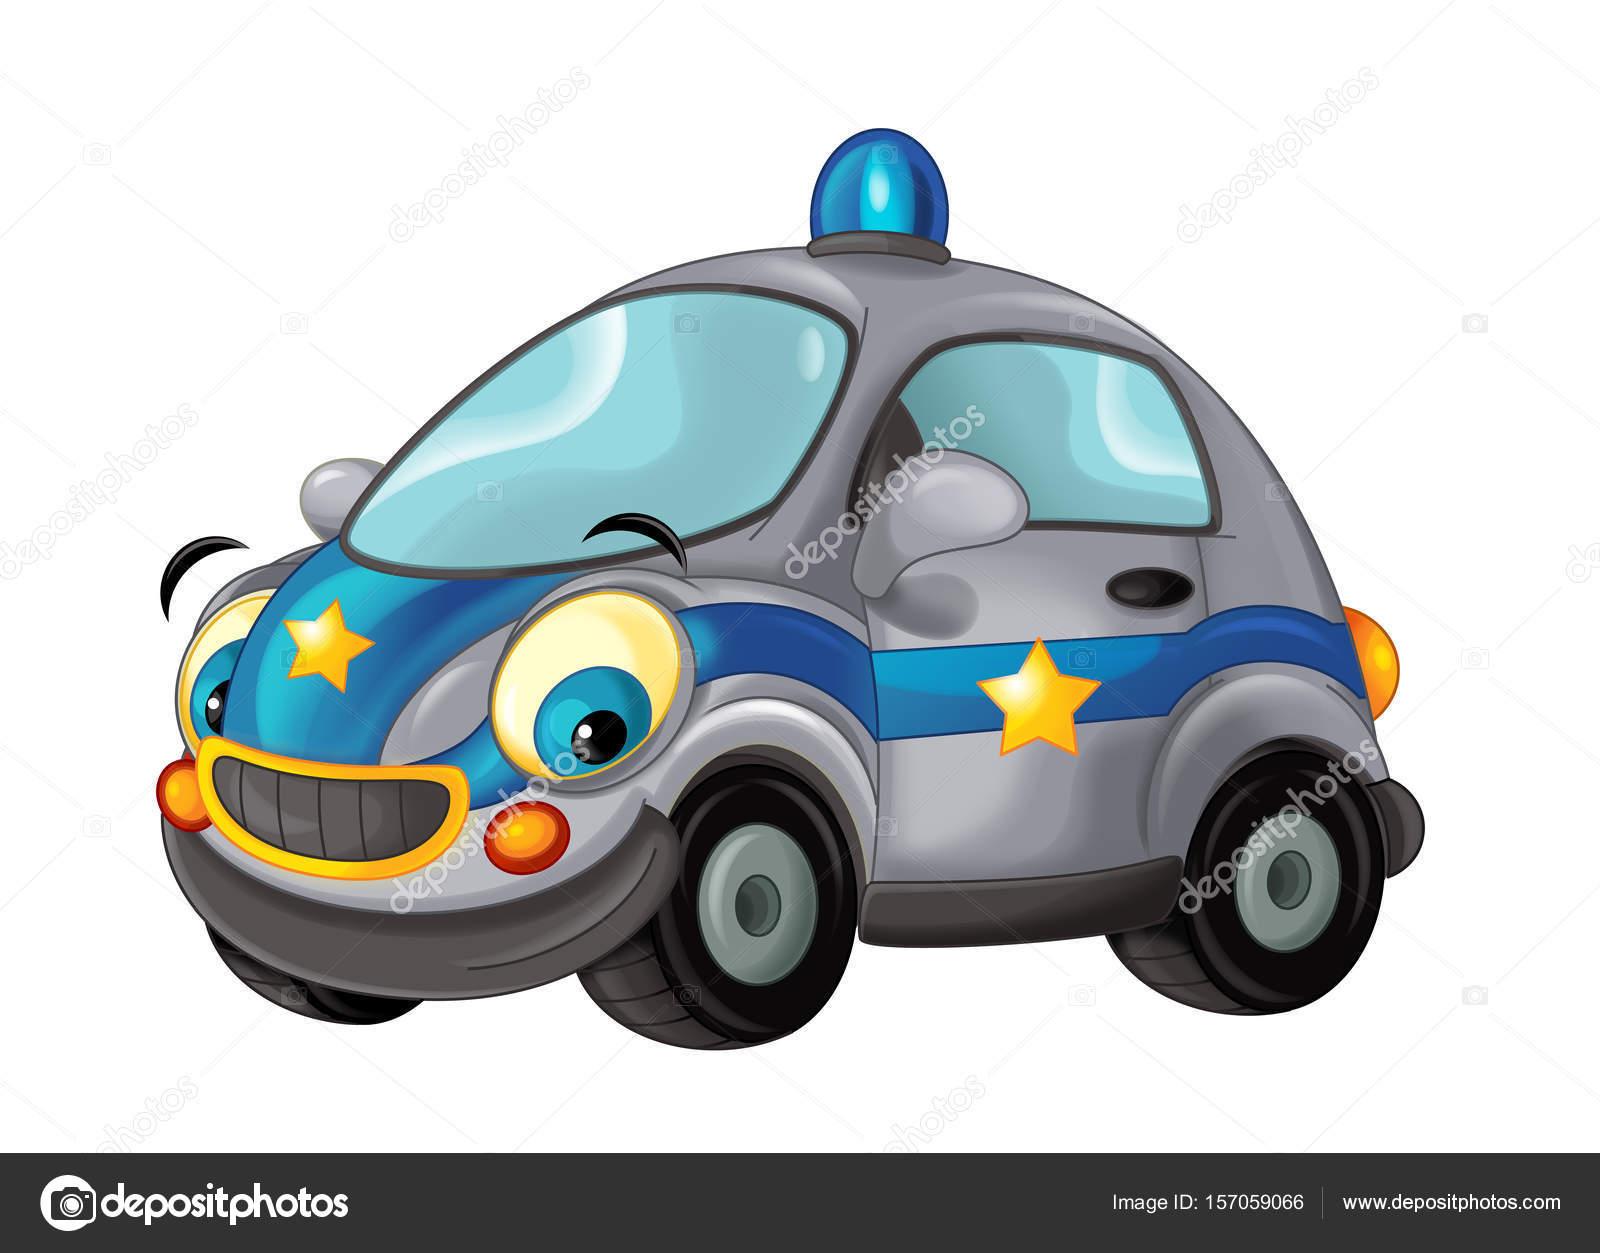 Voiture de police de dessin anim photographie illustrator hft 157059066 - Voiture police dessin anime ...